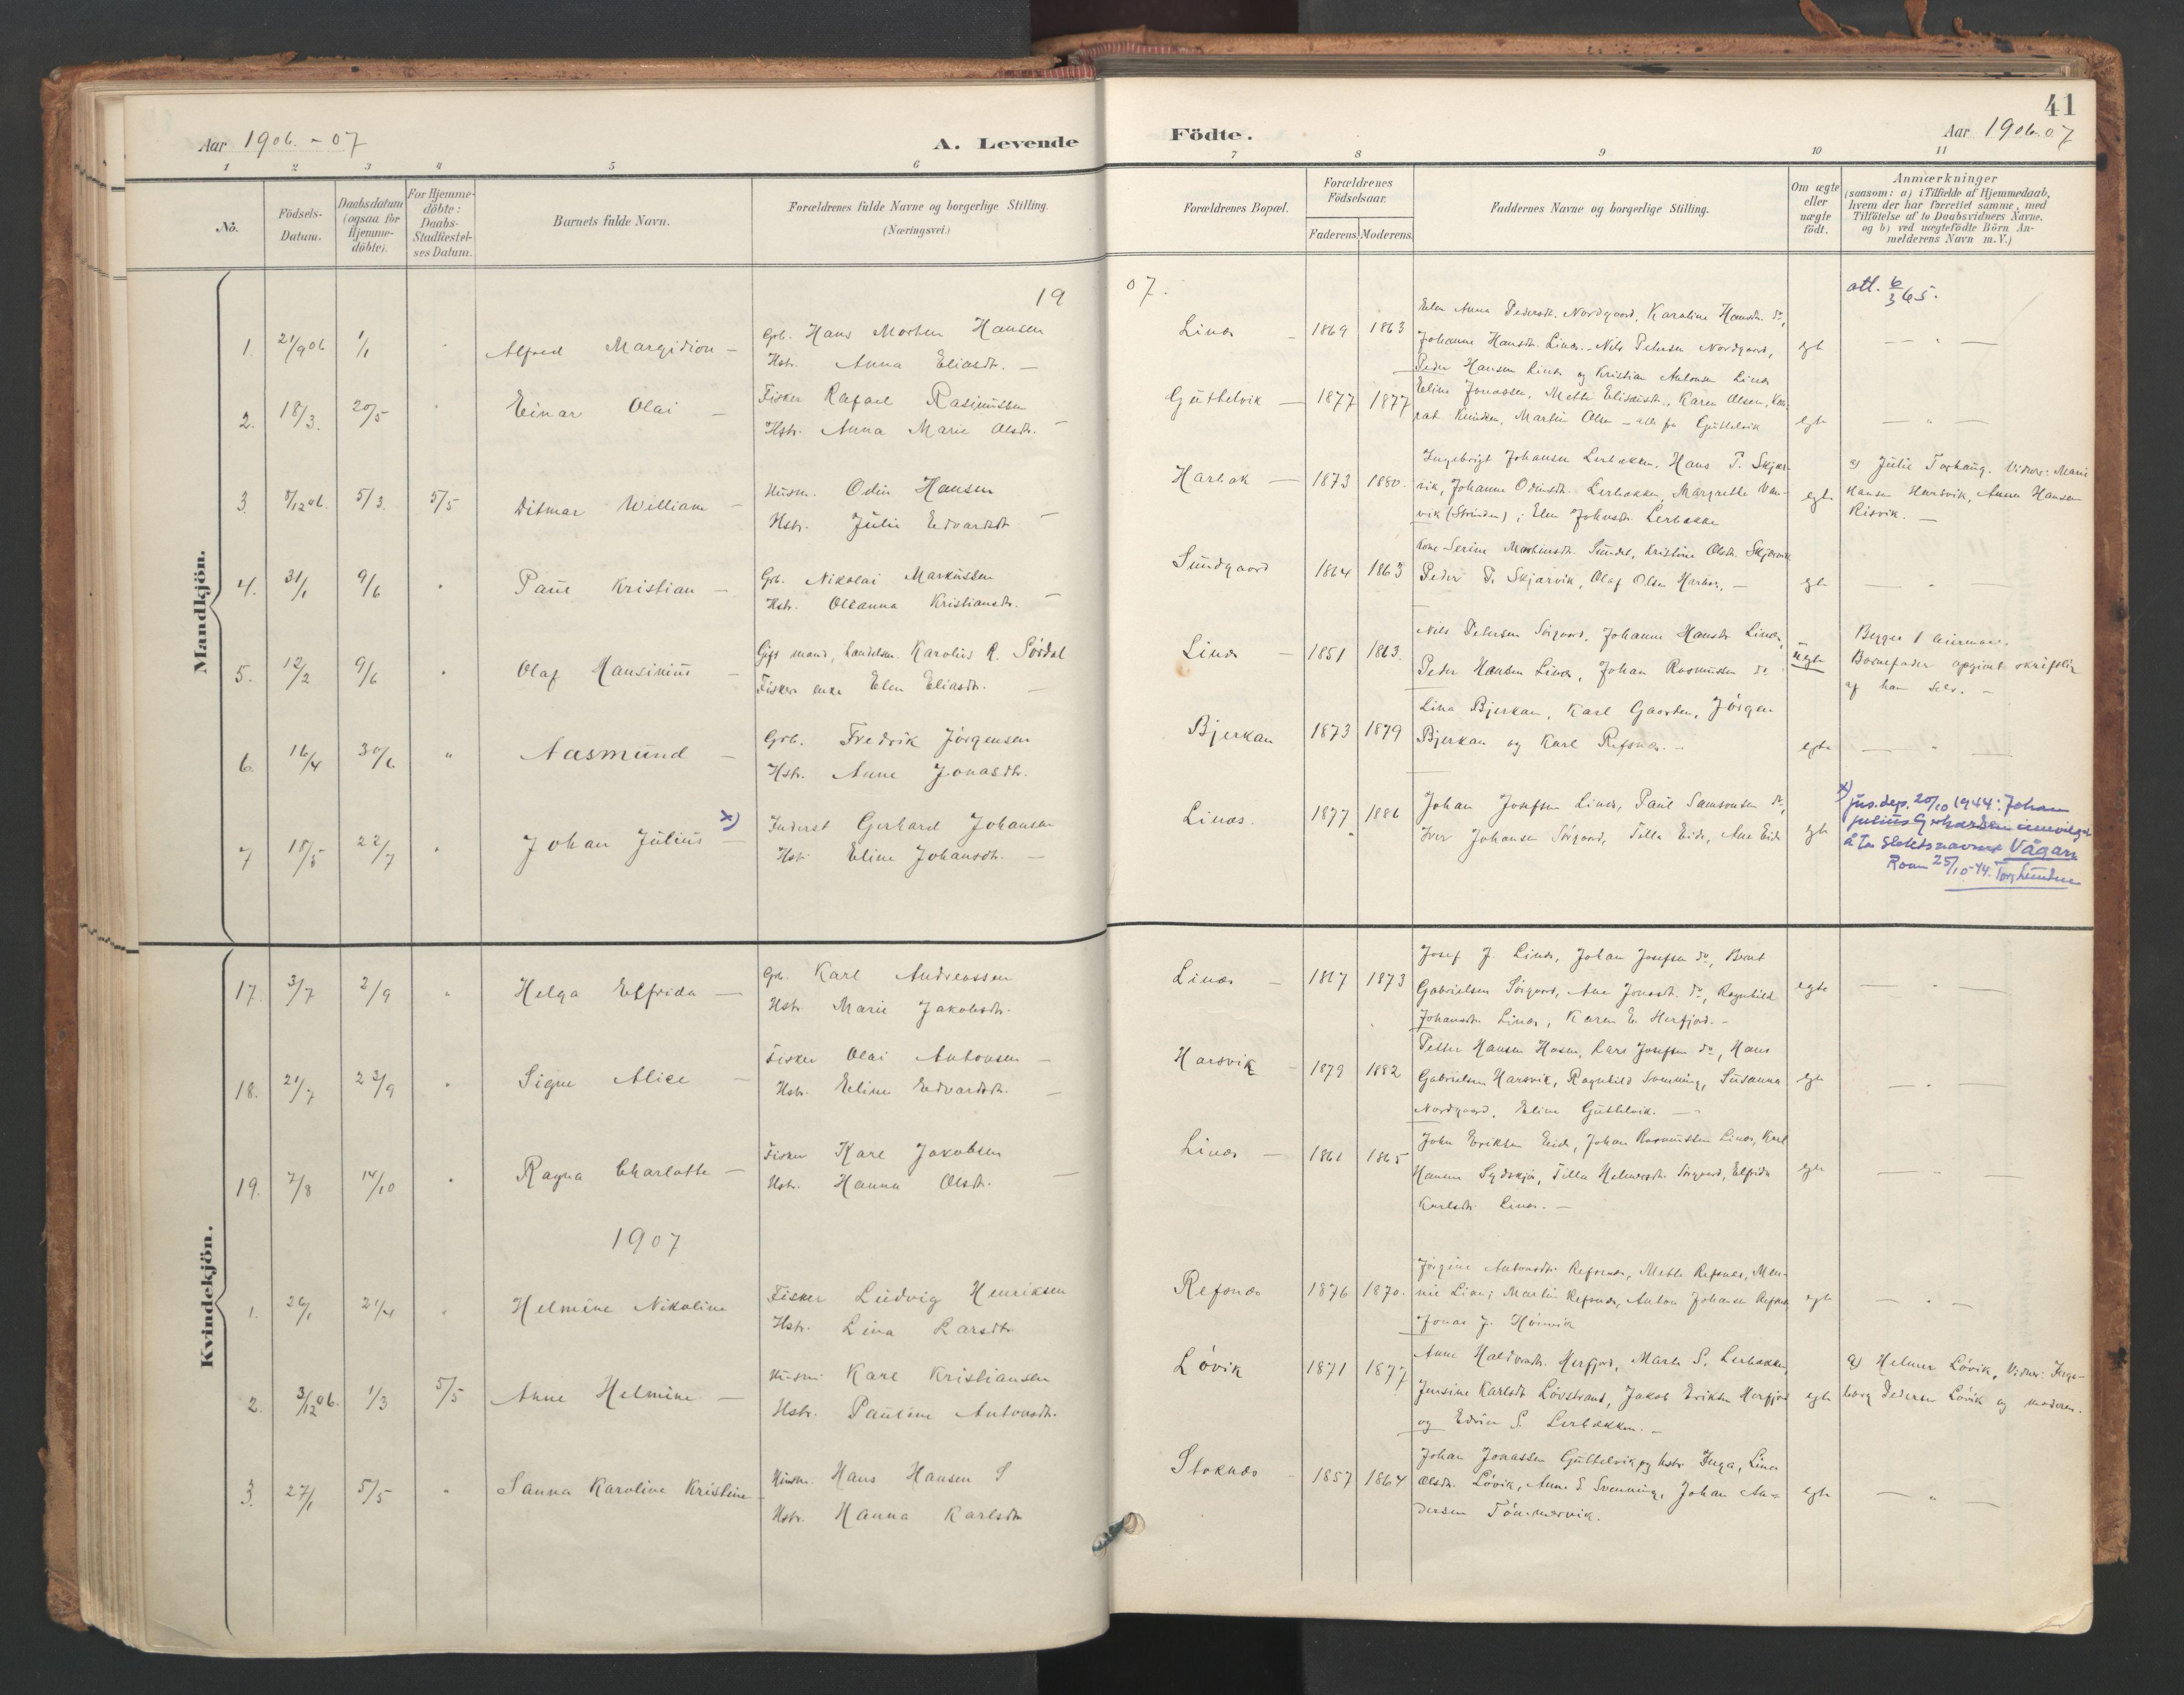 SAT, Ministerialprotokoller, klokkerbøker og fødselsregistre - Sør-Trøndelag, 656/L0693: Ministerialbok nr. 656A02, 1894-1913, s. 41